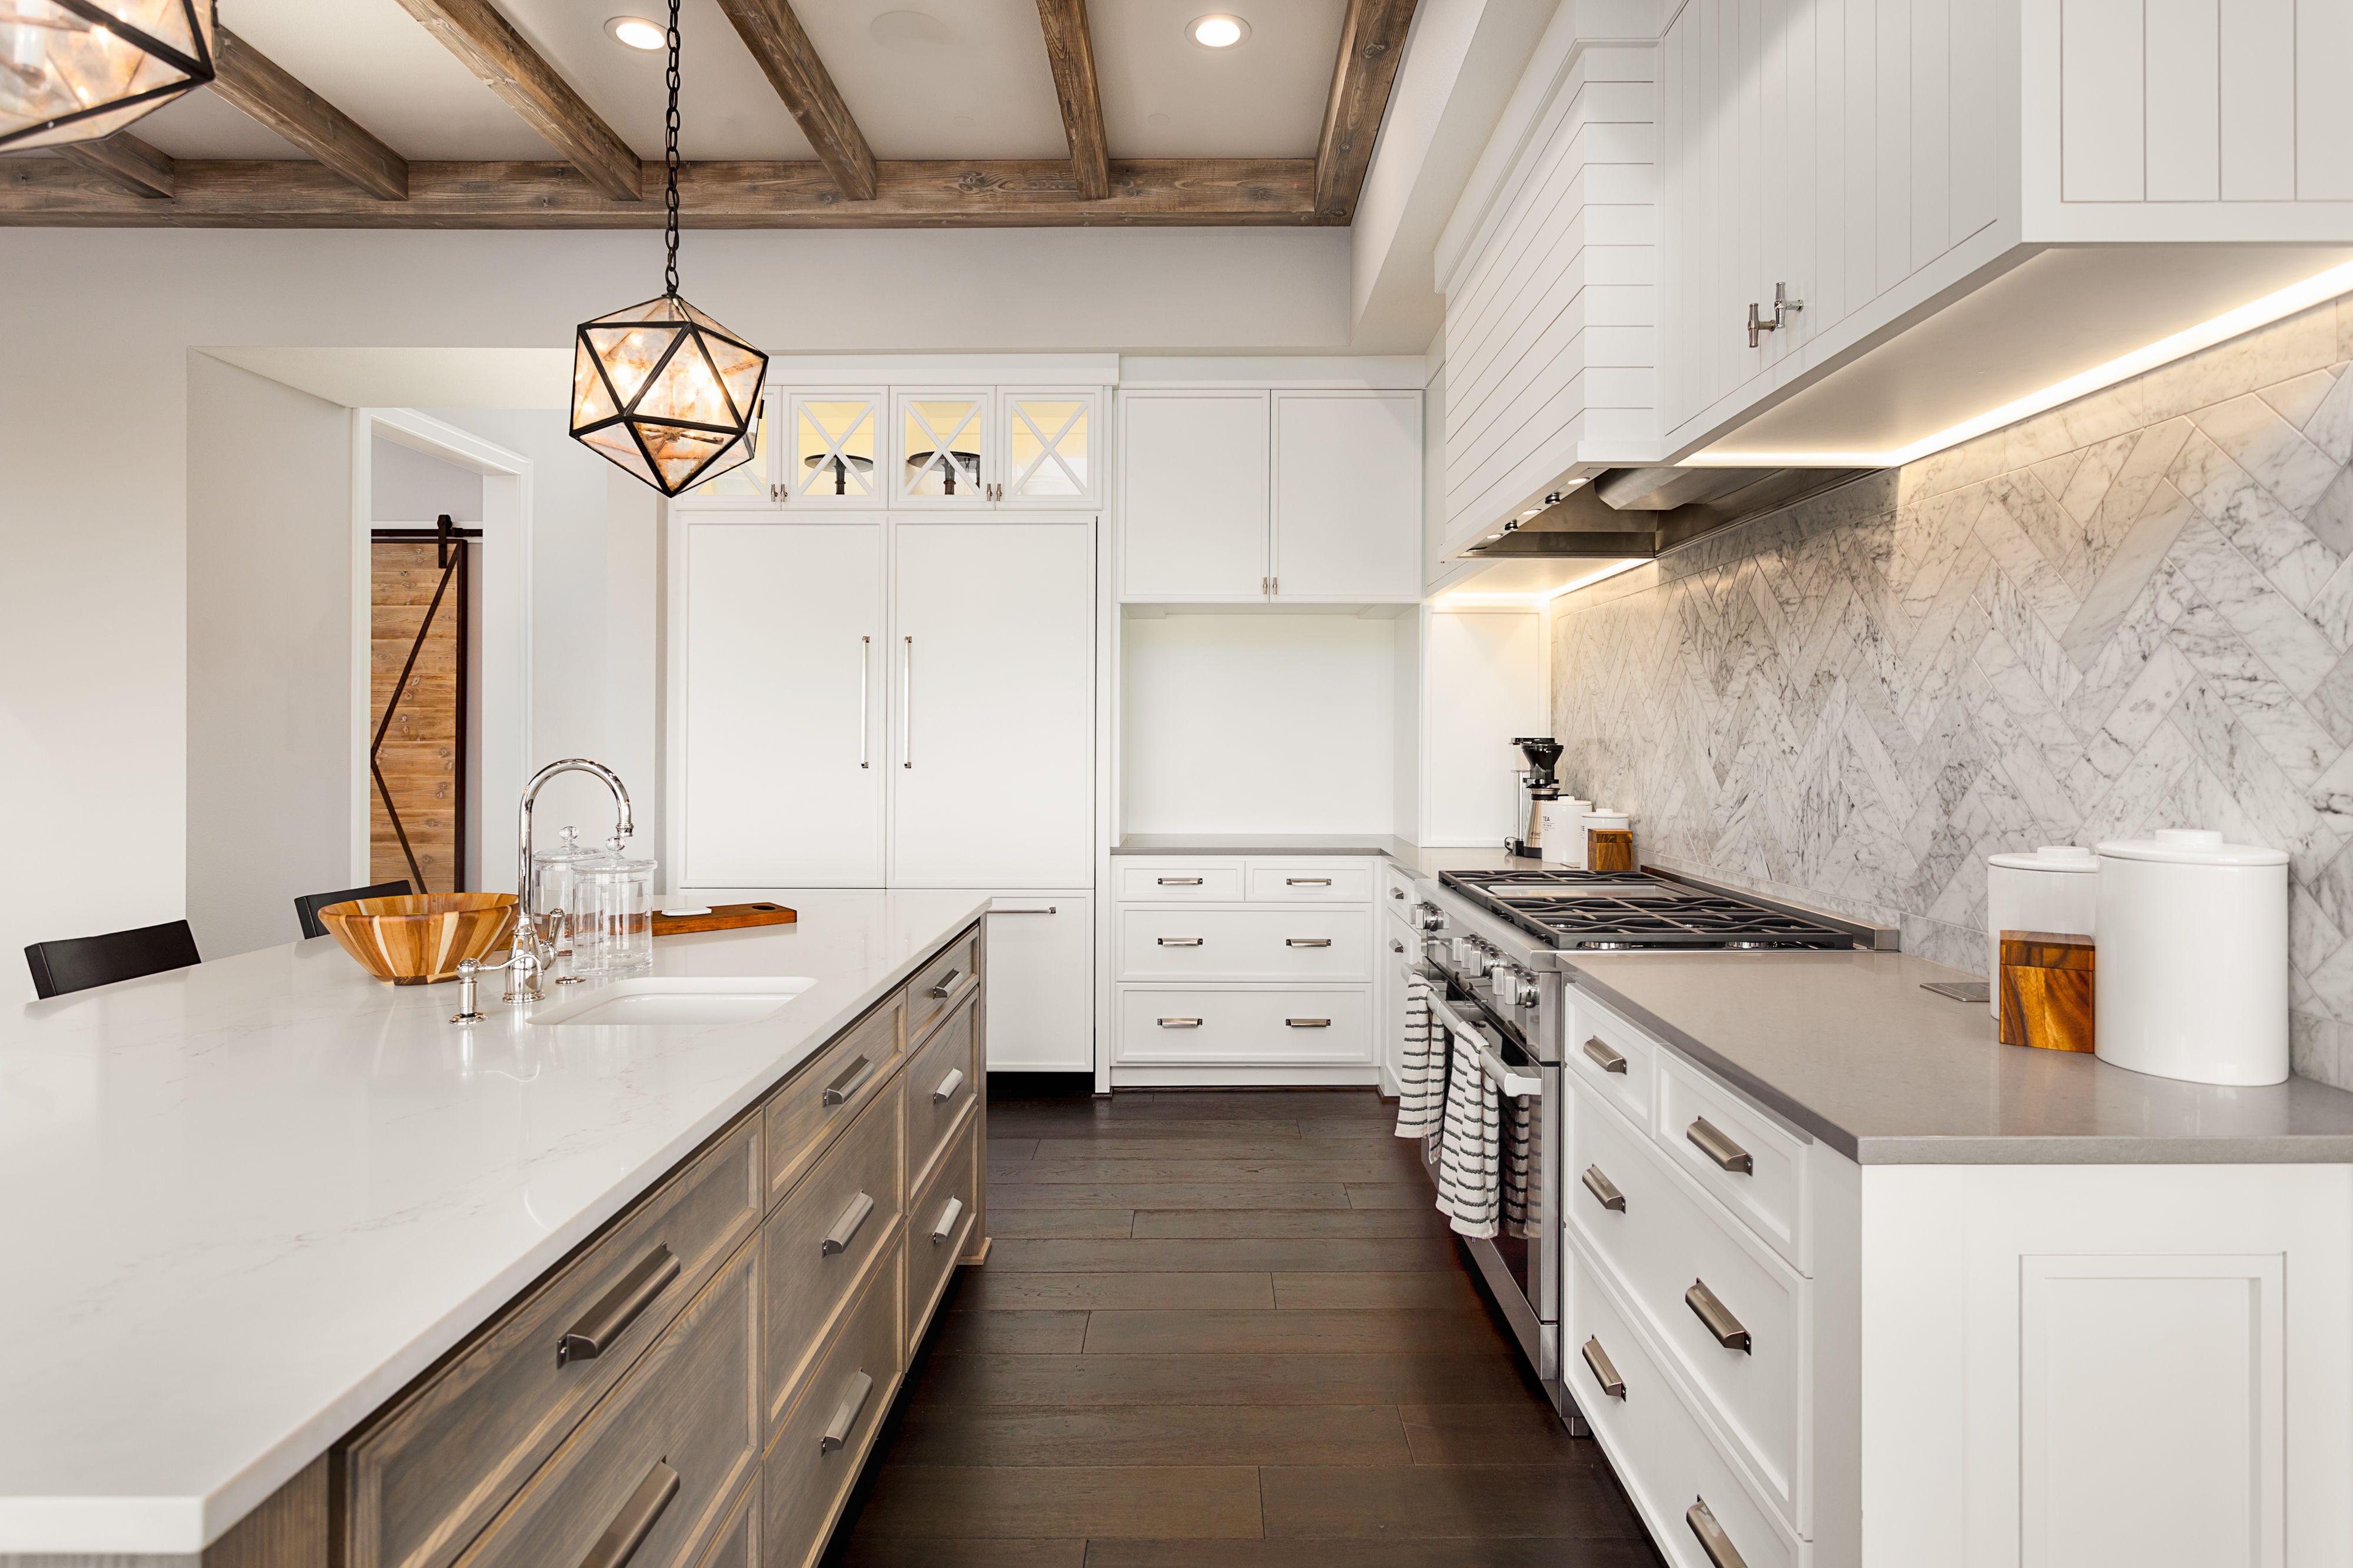 How To Adjust Self Closing Kitchen Cabinet Hinges Hunker Kitchen Backsplash Designs White Kitchen Design Kitchen Cabinets